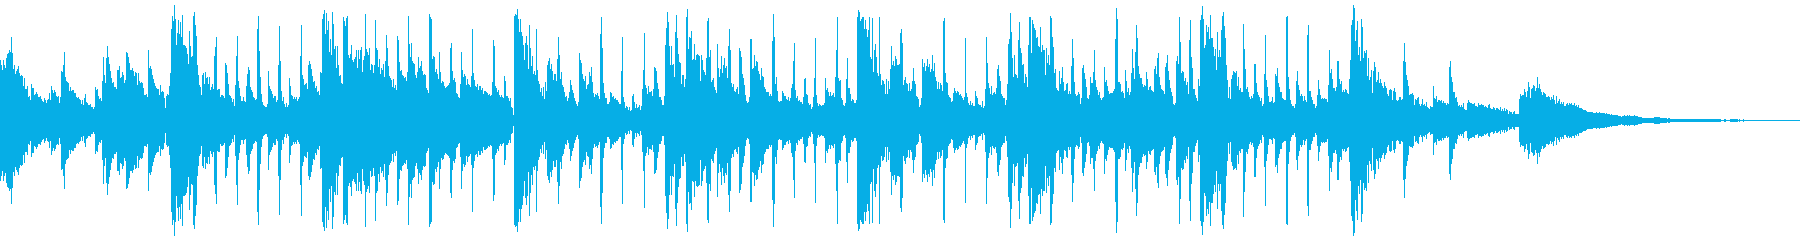 動画 感情的 アコースティックギタ...の再生済みの波形